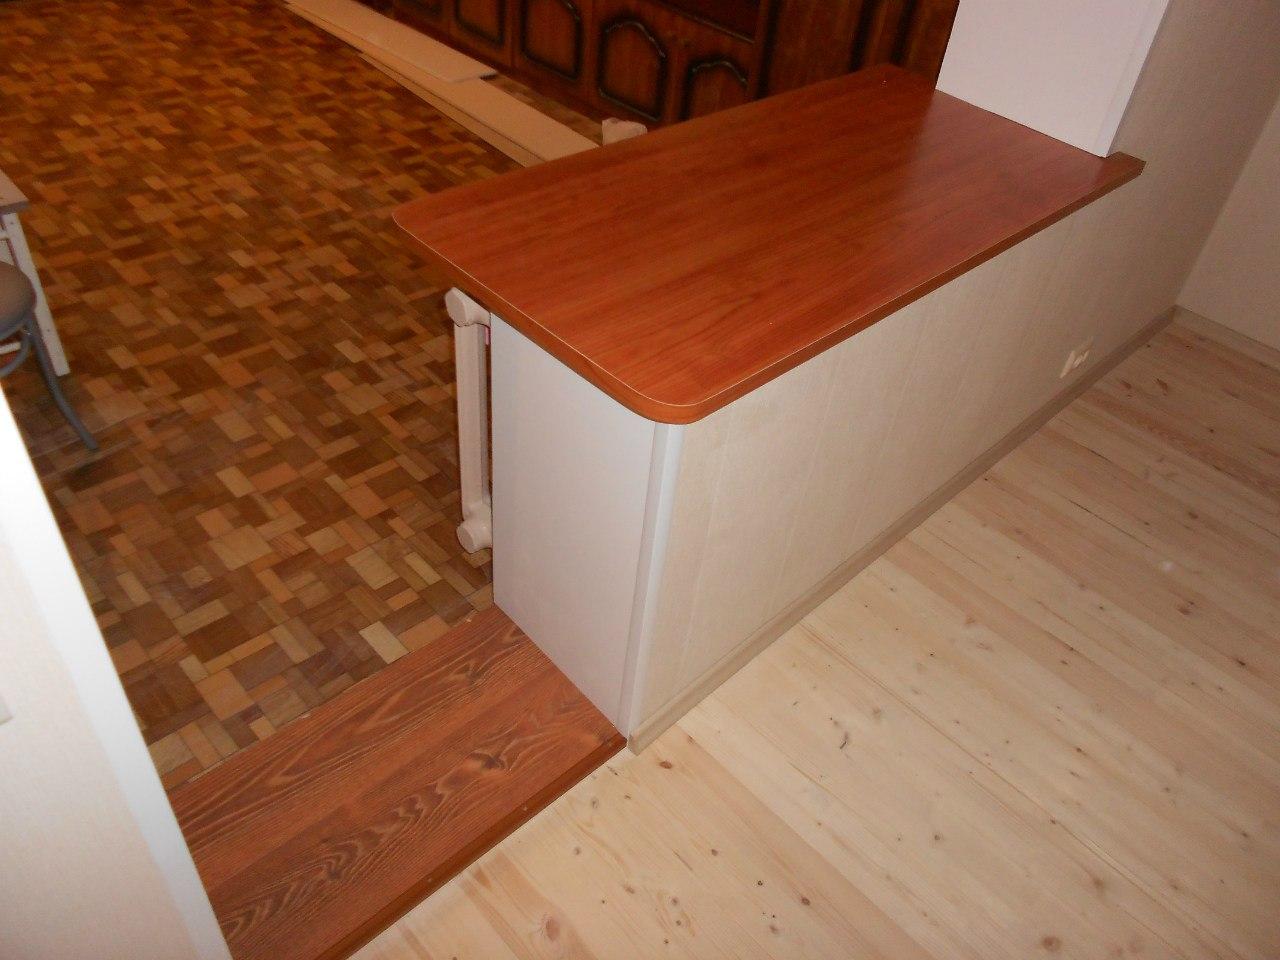 Совмещение лоджии с комнатой недорого в екатеринбурге, совме.